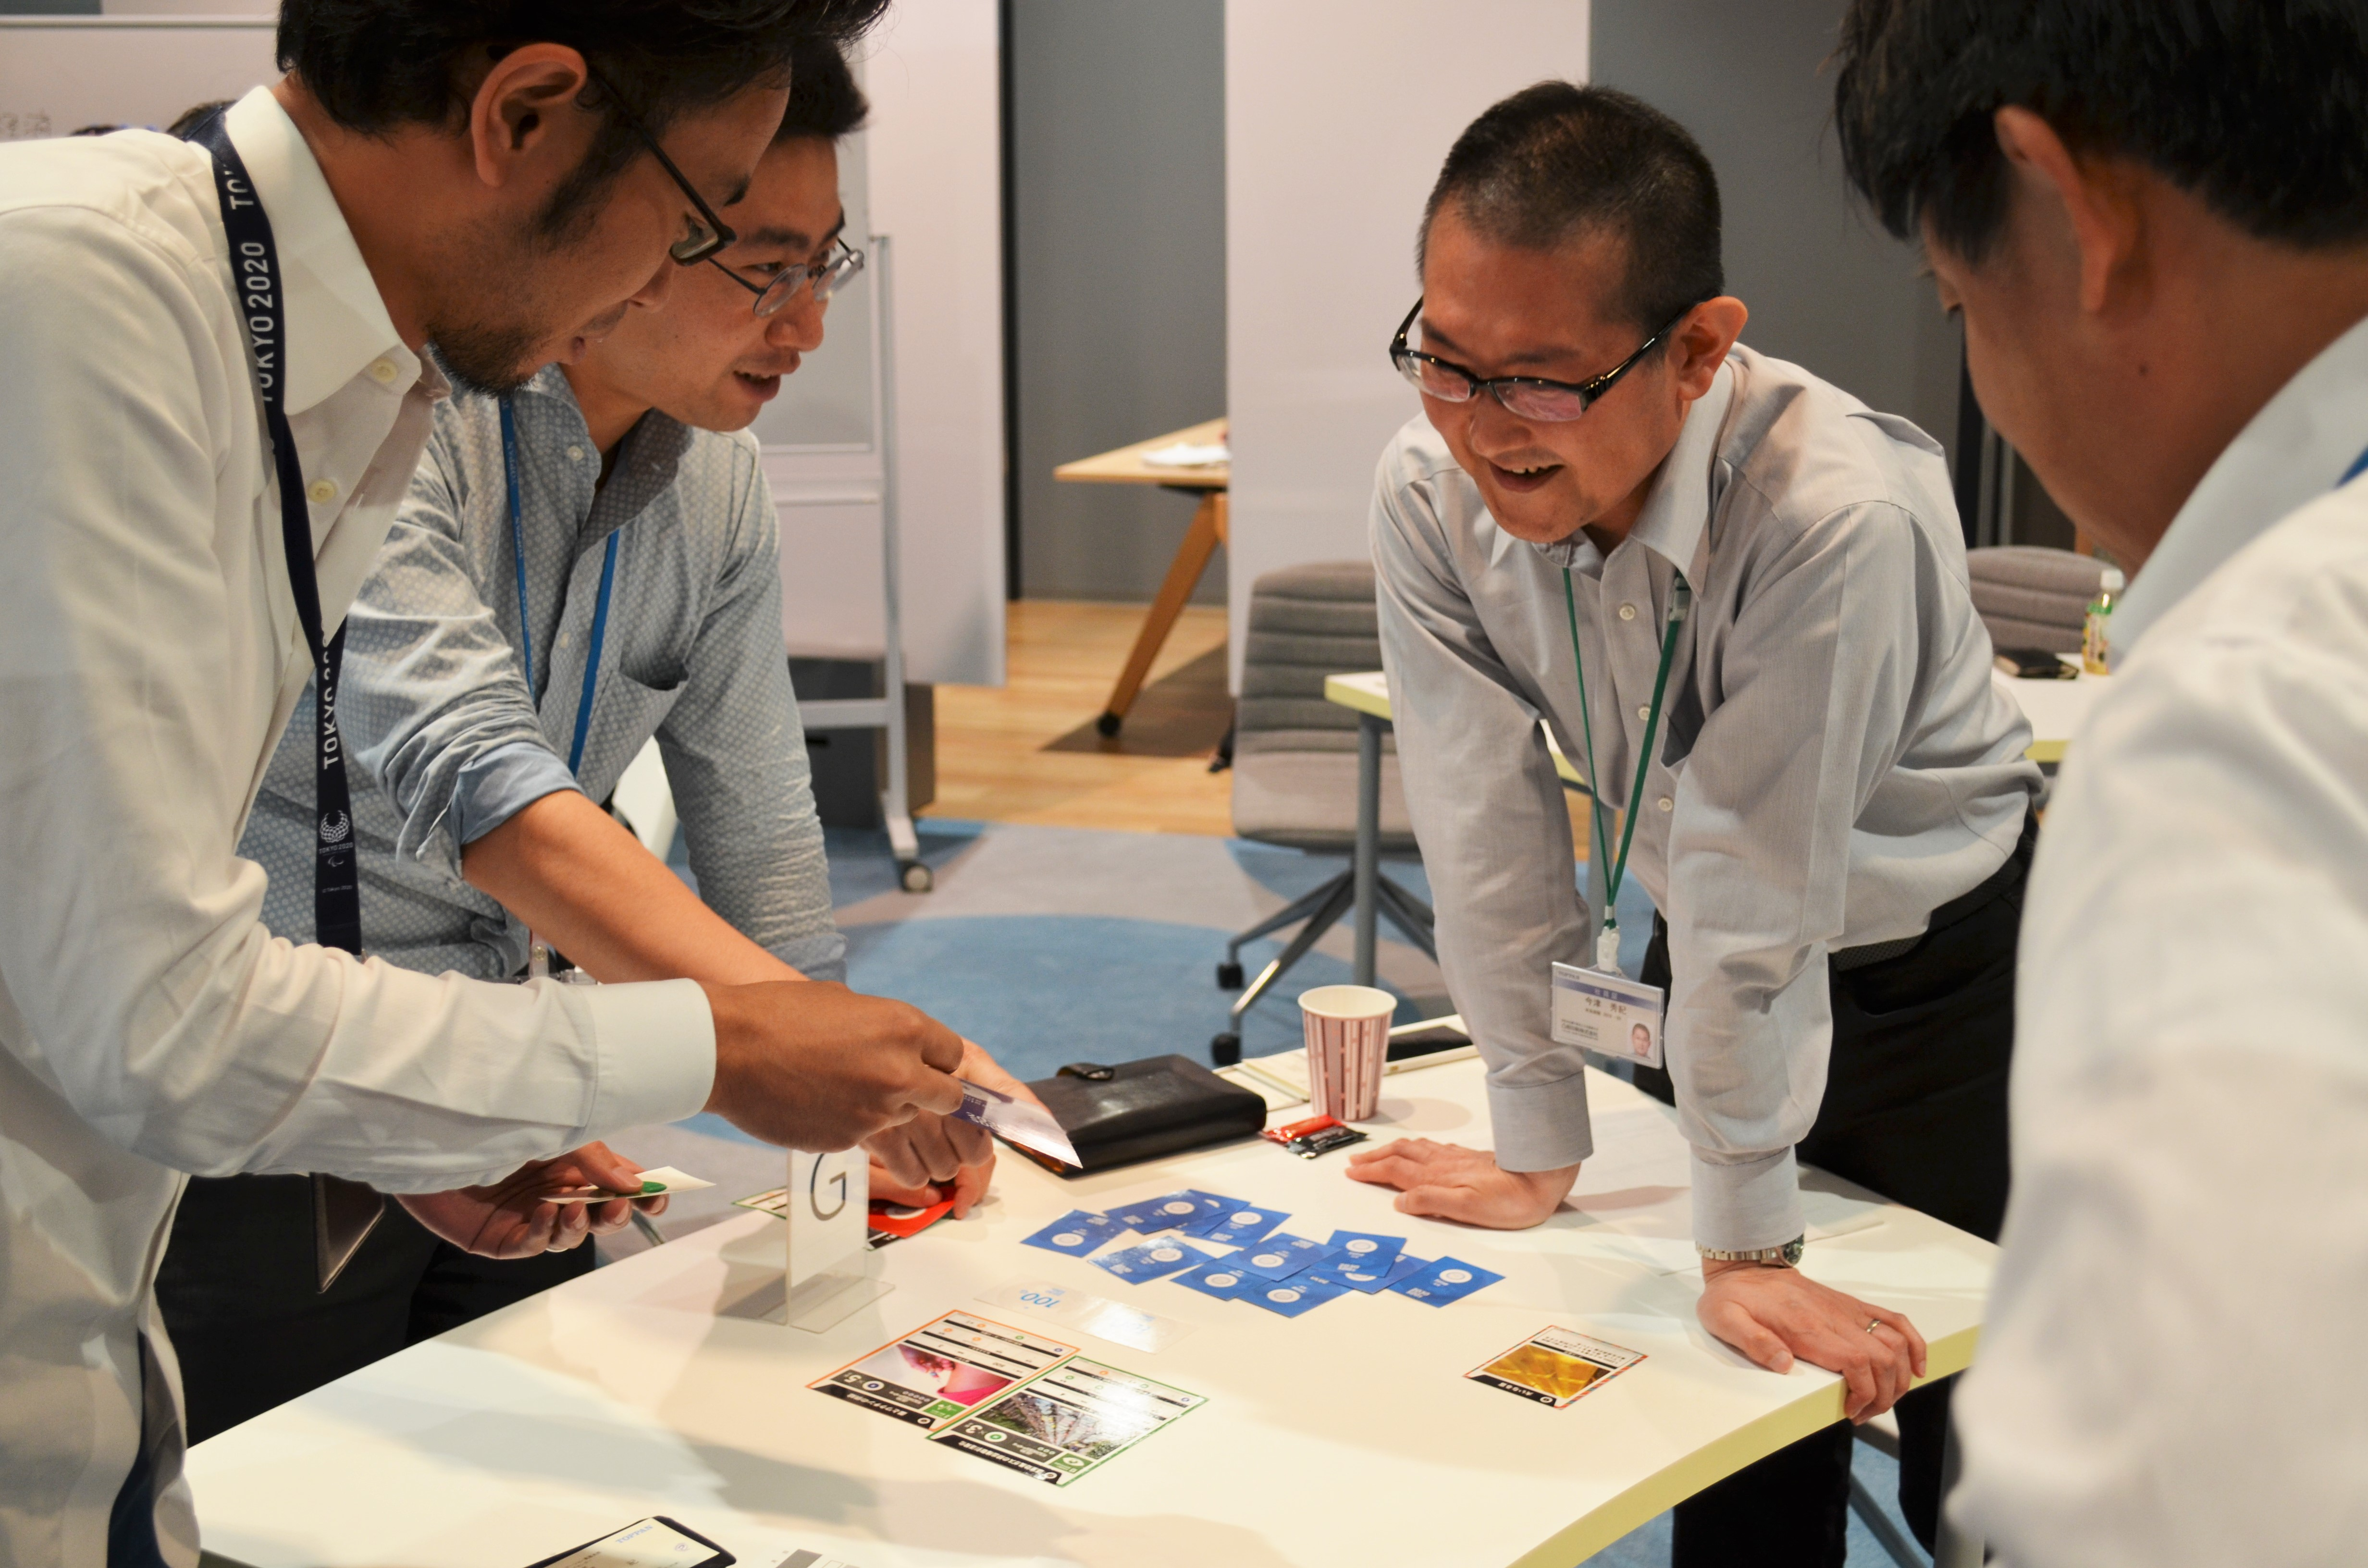 【イマココラボ主催】【1/25名古屋開催】ゲームで体感するSDGs 自分と世界のつながり